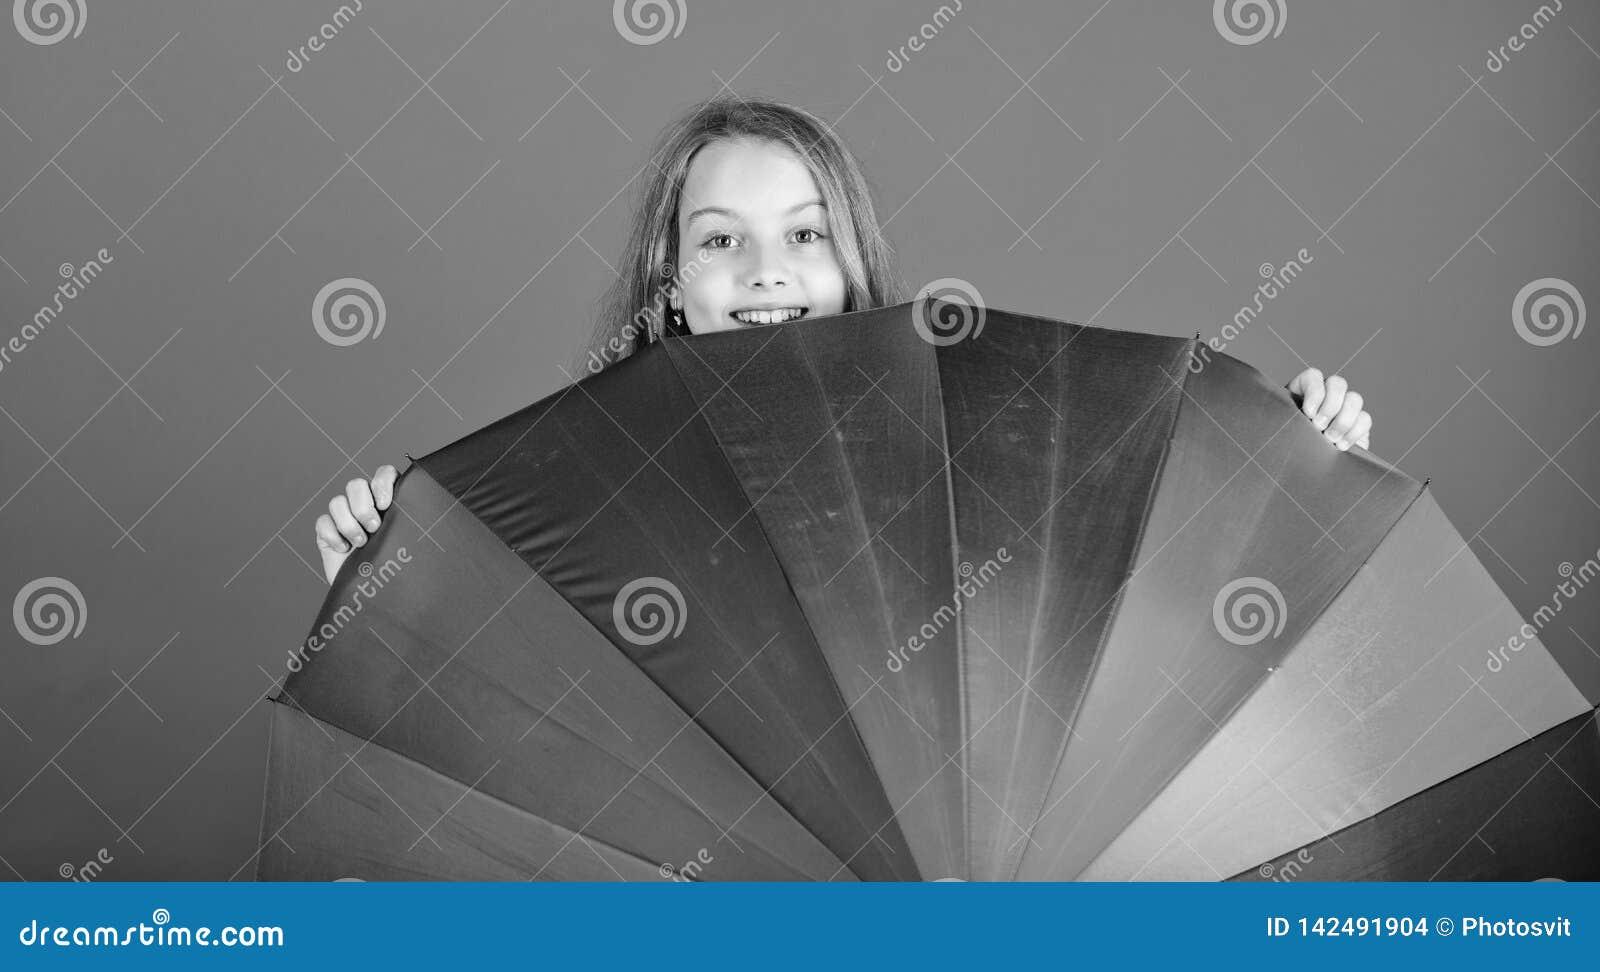 Día lluvioso positivo de la estancia sin embargo Aclare encima de vida Del niño de la ojeada paraguas colorido del arco iris haci